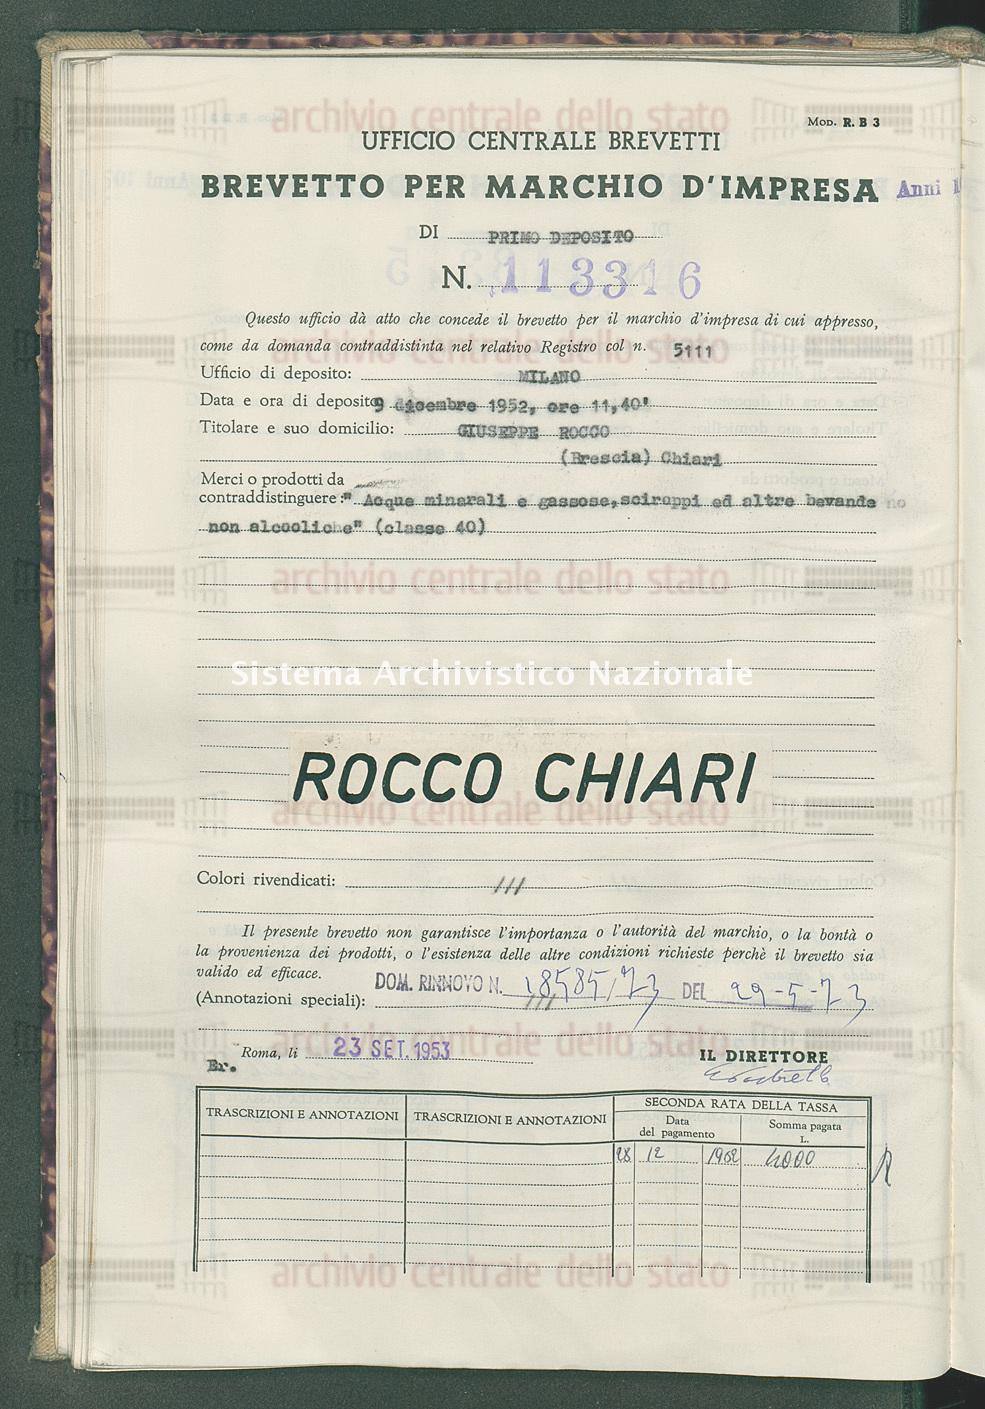 'Acque minerali e gassose, sciroppi ed altre bevande non alcooliche' Giuseppe Rocco (23/09/1953)